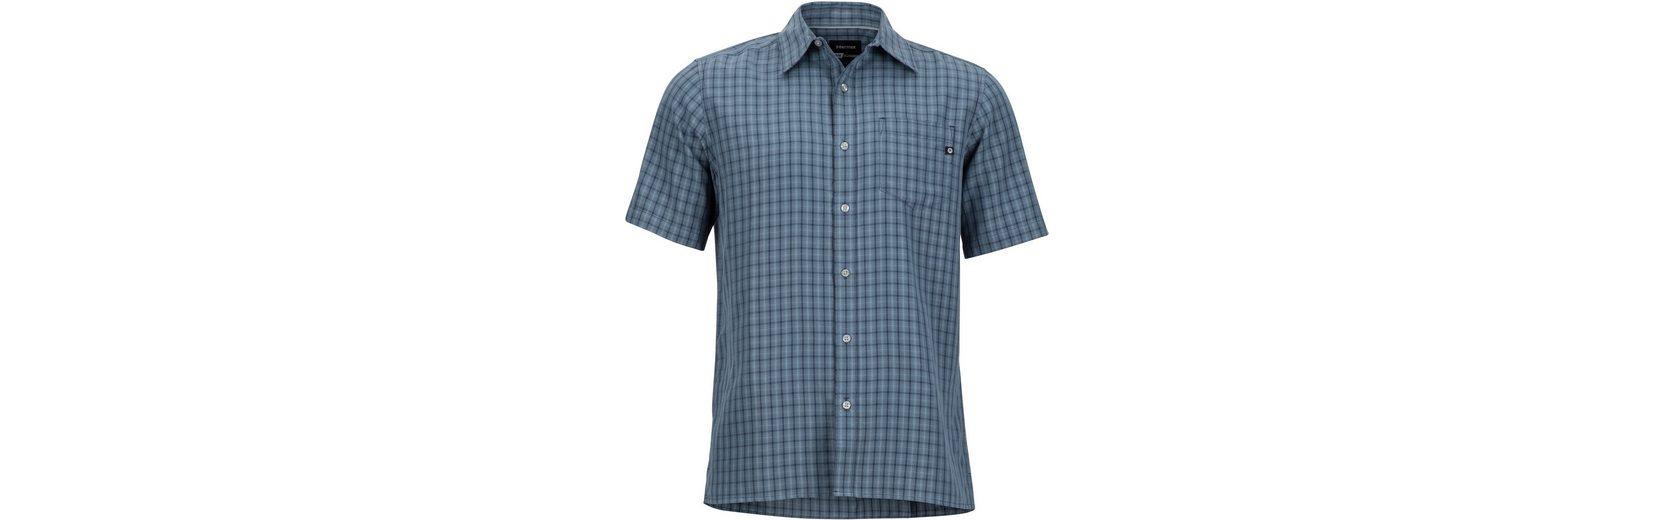 Erhalten Authentisch Zu Verkaufen Ja Wirklich Marmot Bluse Eldridge SS Shirt Men Marktfähig Günstiger Preis Billiger Fabrikverkauf XsJGSC7